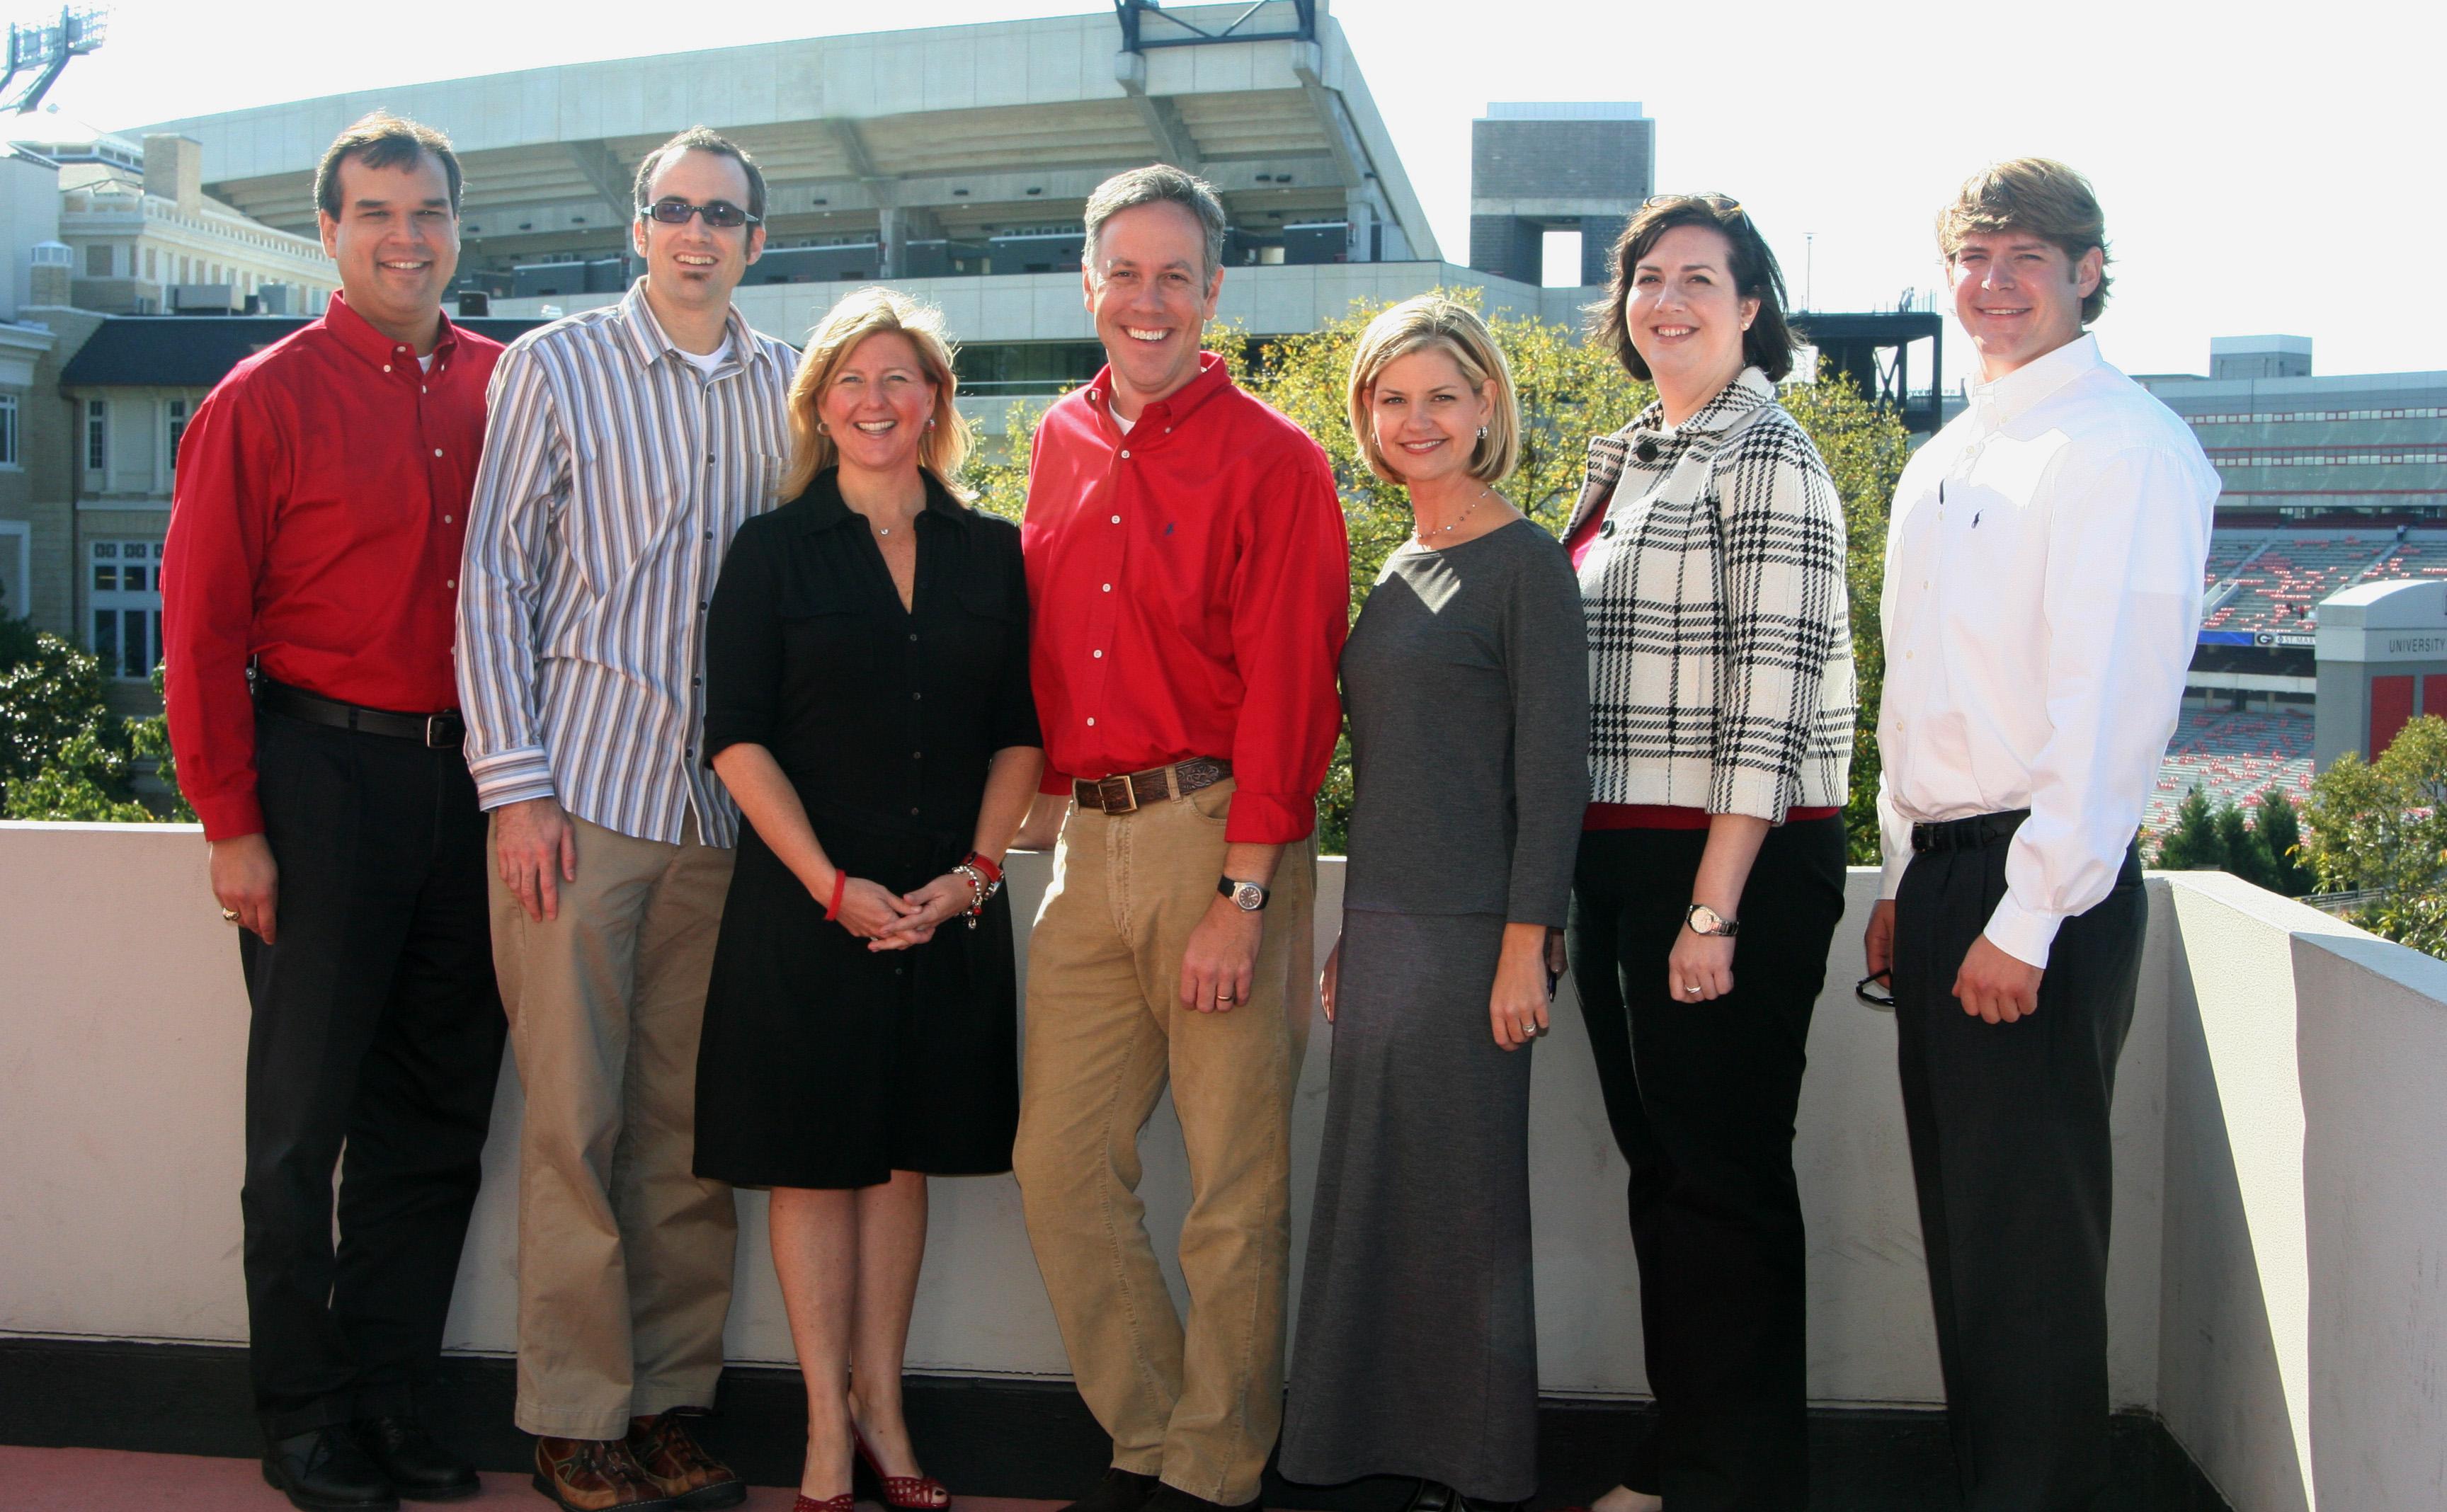 Members of the 2006-2007 Grady Society Alumni Board